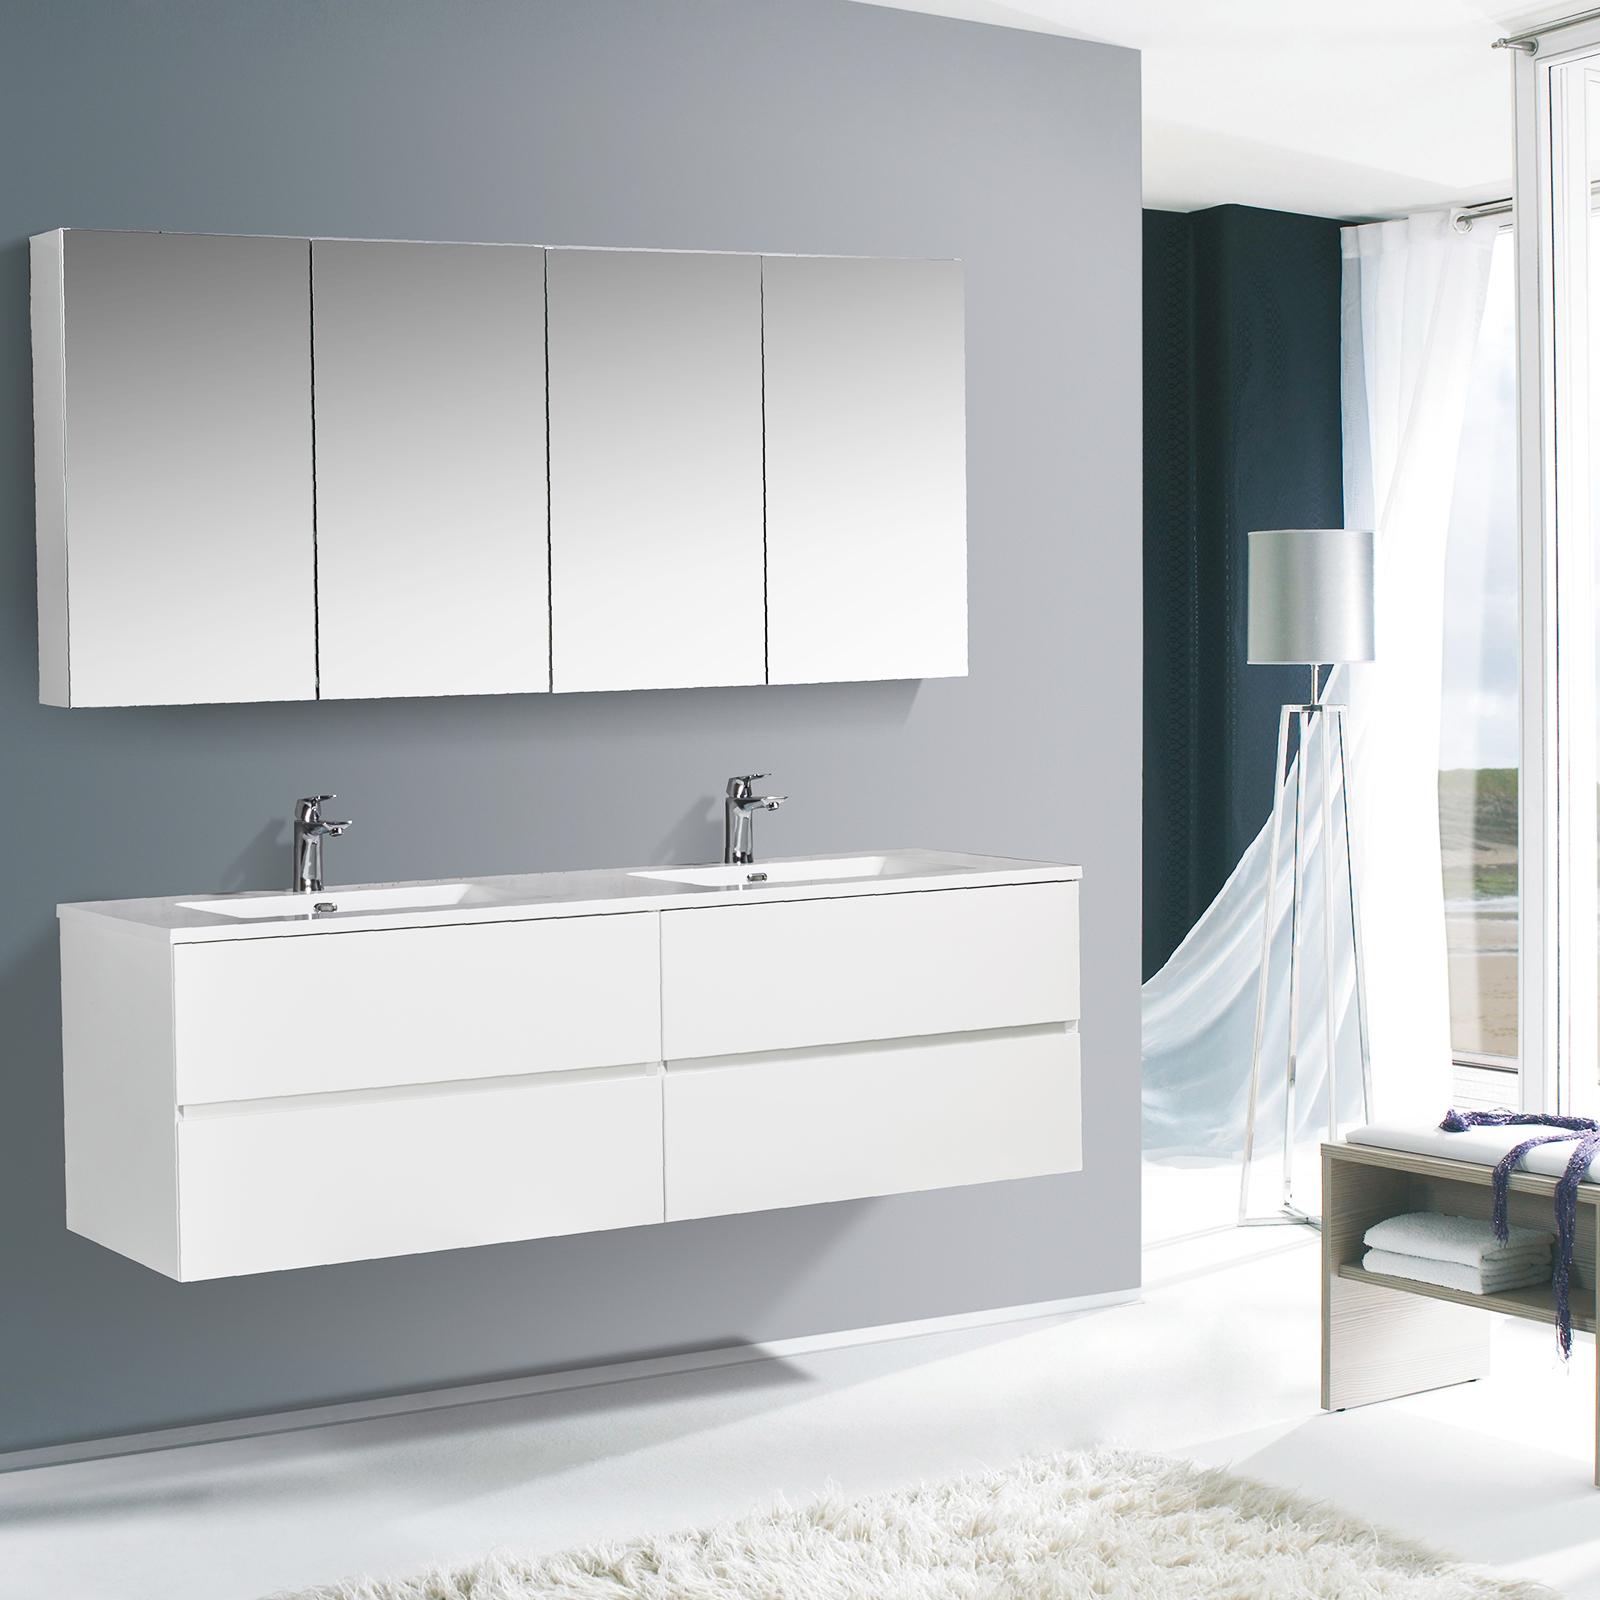 Badmöbel-Set EDGE 1700 - Farbe wählbar - Spiegel & Seitenschrank optional